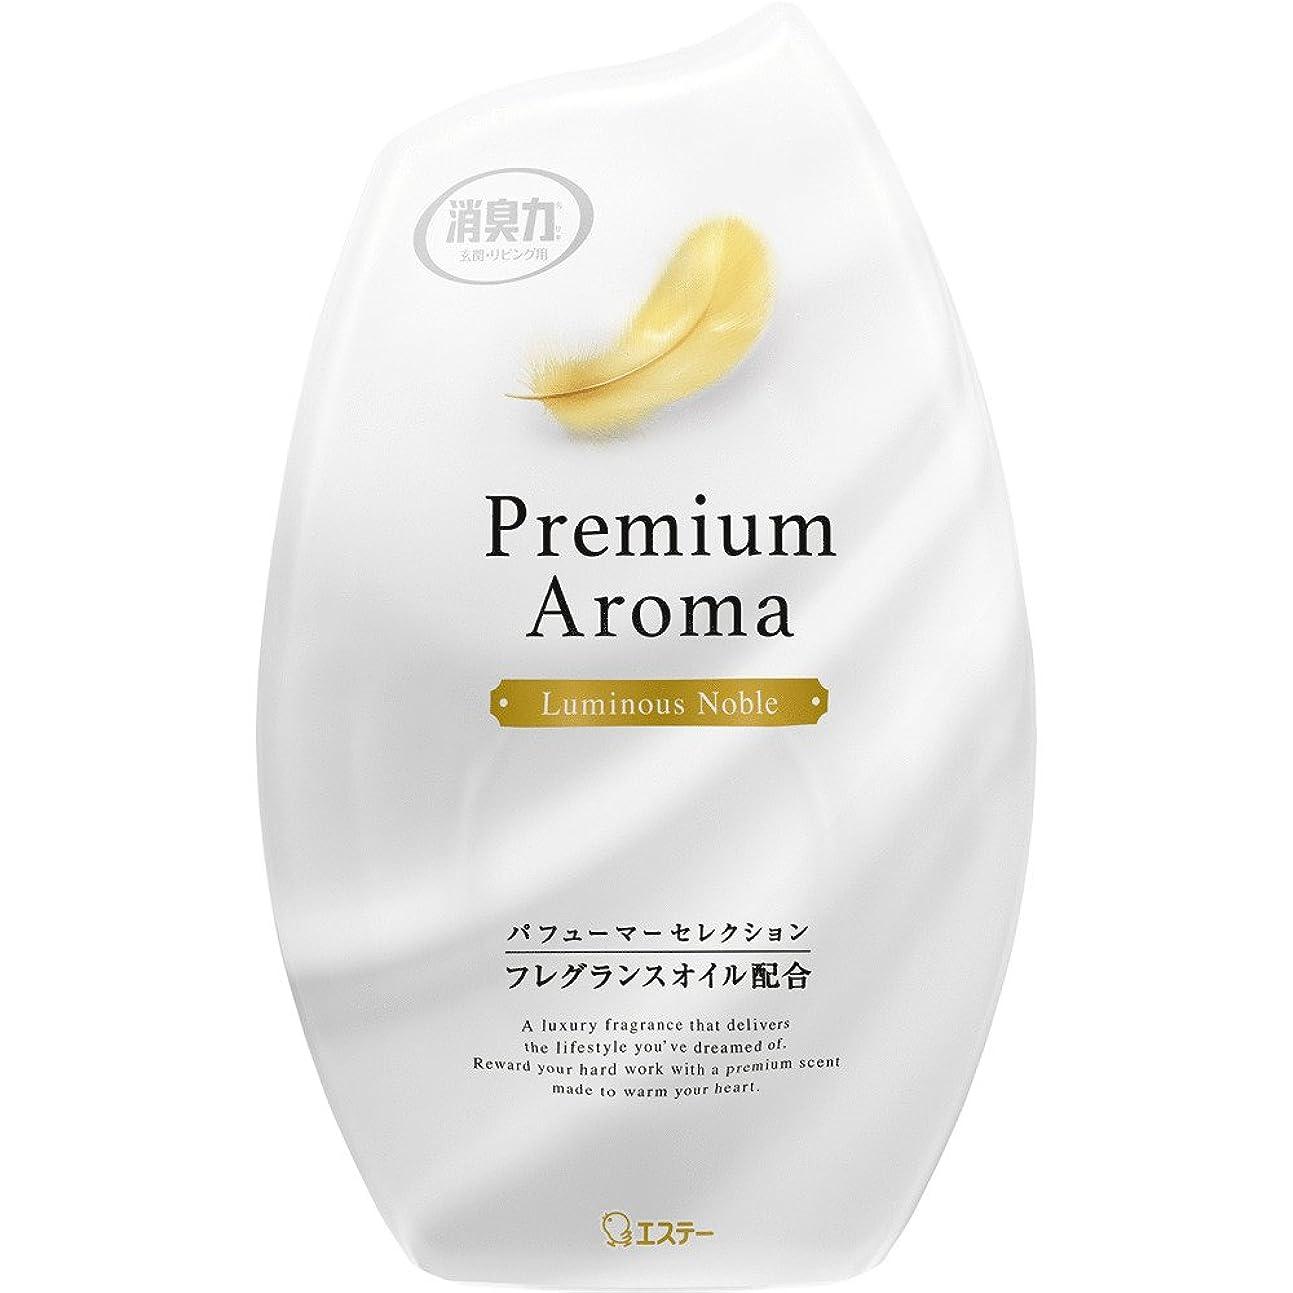 ピカソただ粉砕するお部屋の消臭力 プレミアムアロマ Premium Aroma 消臭芳香剤 部屋用 部屋 ルミナスノーブルの香り 400ml